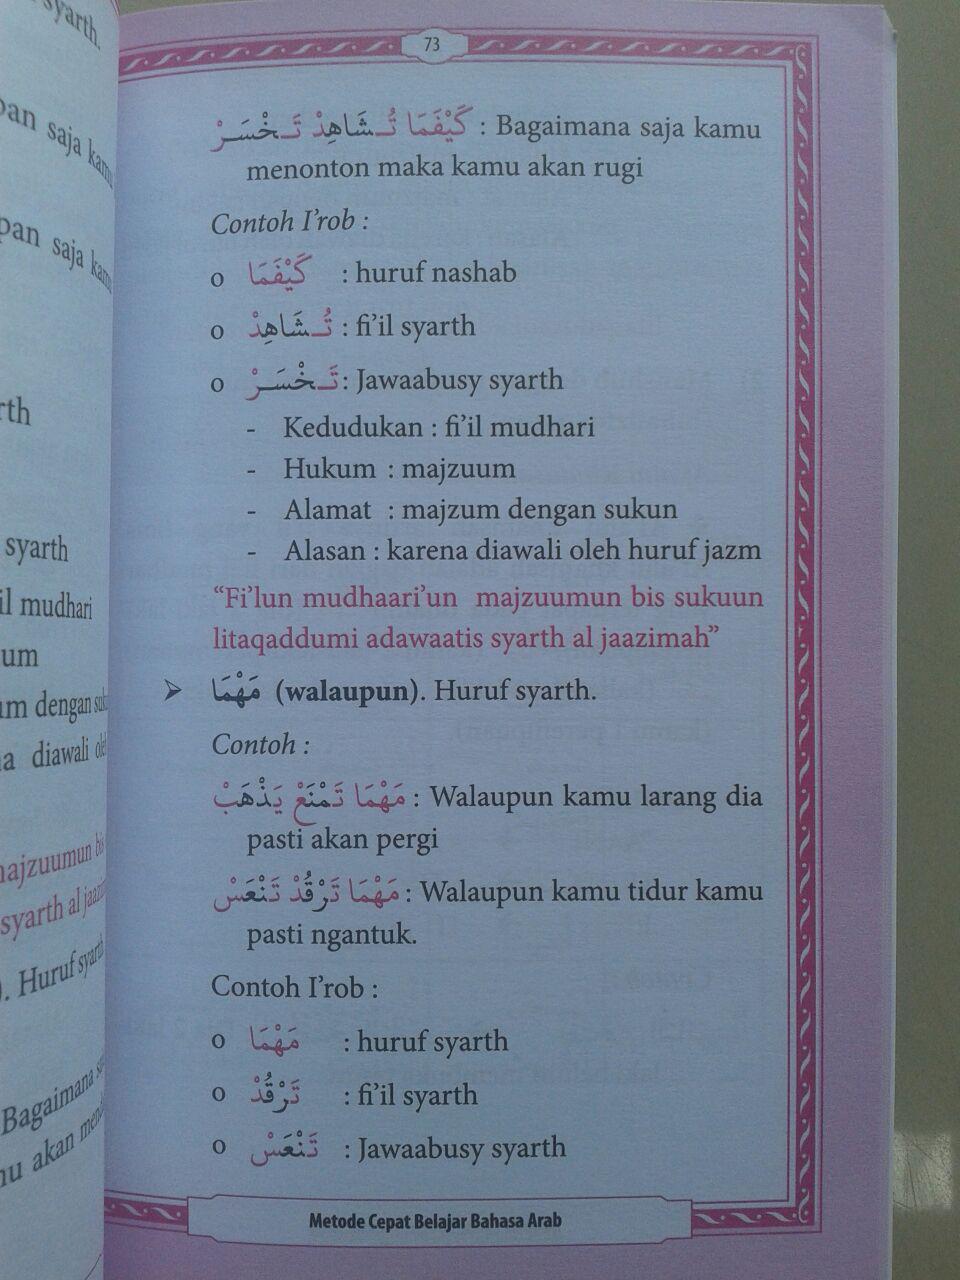 Buku Metode Cepat Belajar Bahasa Arab El-Matroed Jilid 2 isi 2